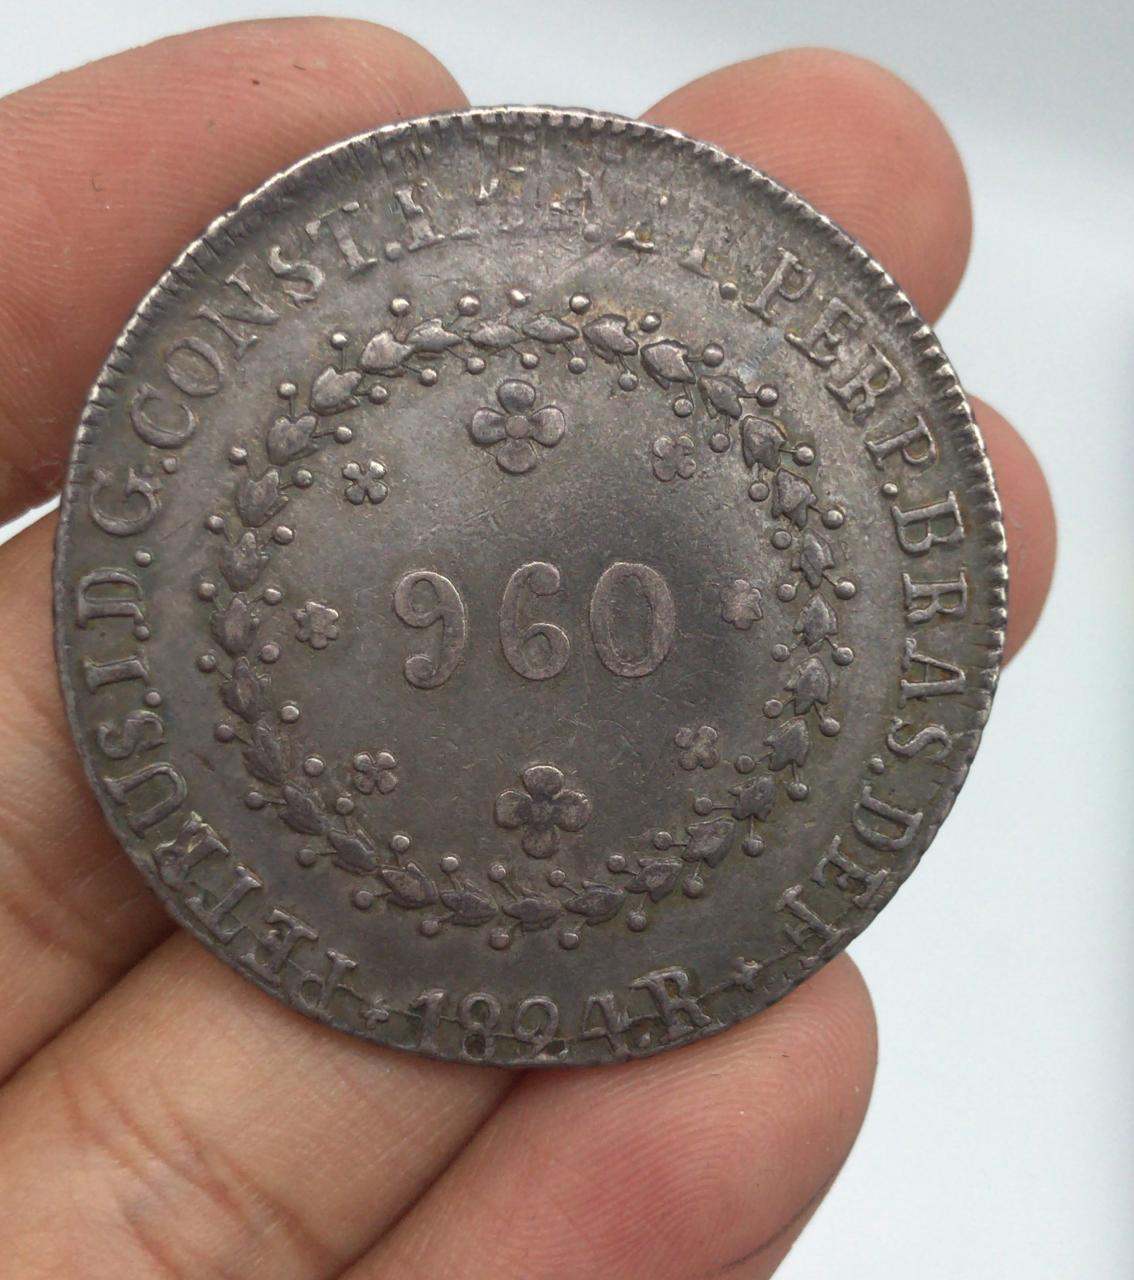 960 RÉIS 1824 R  - IMPÉRIO